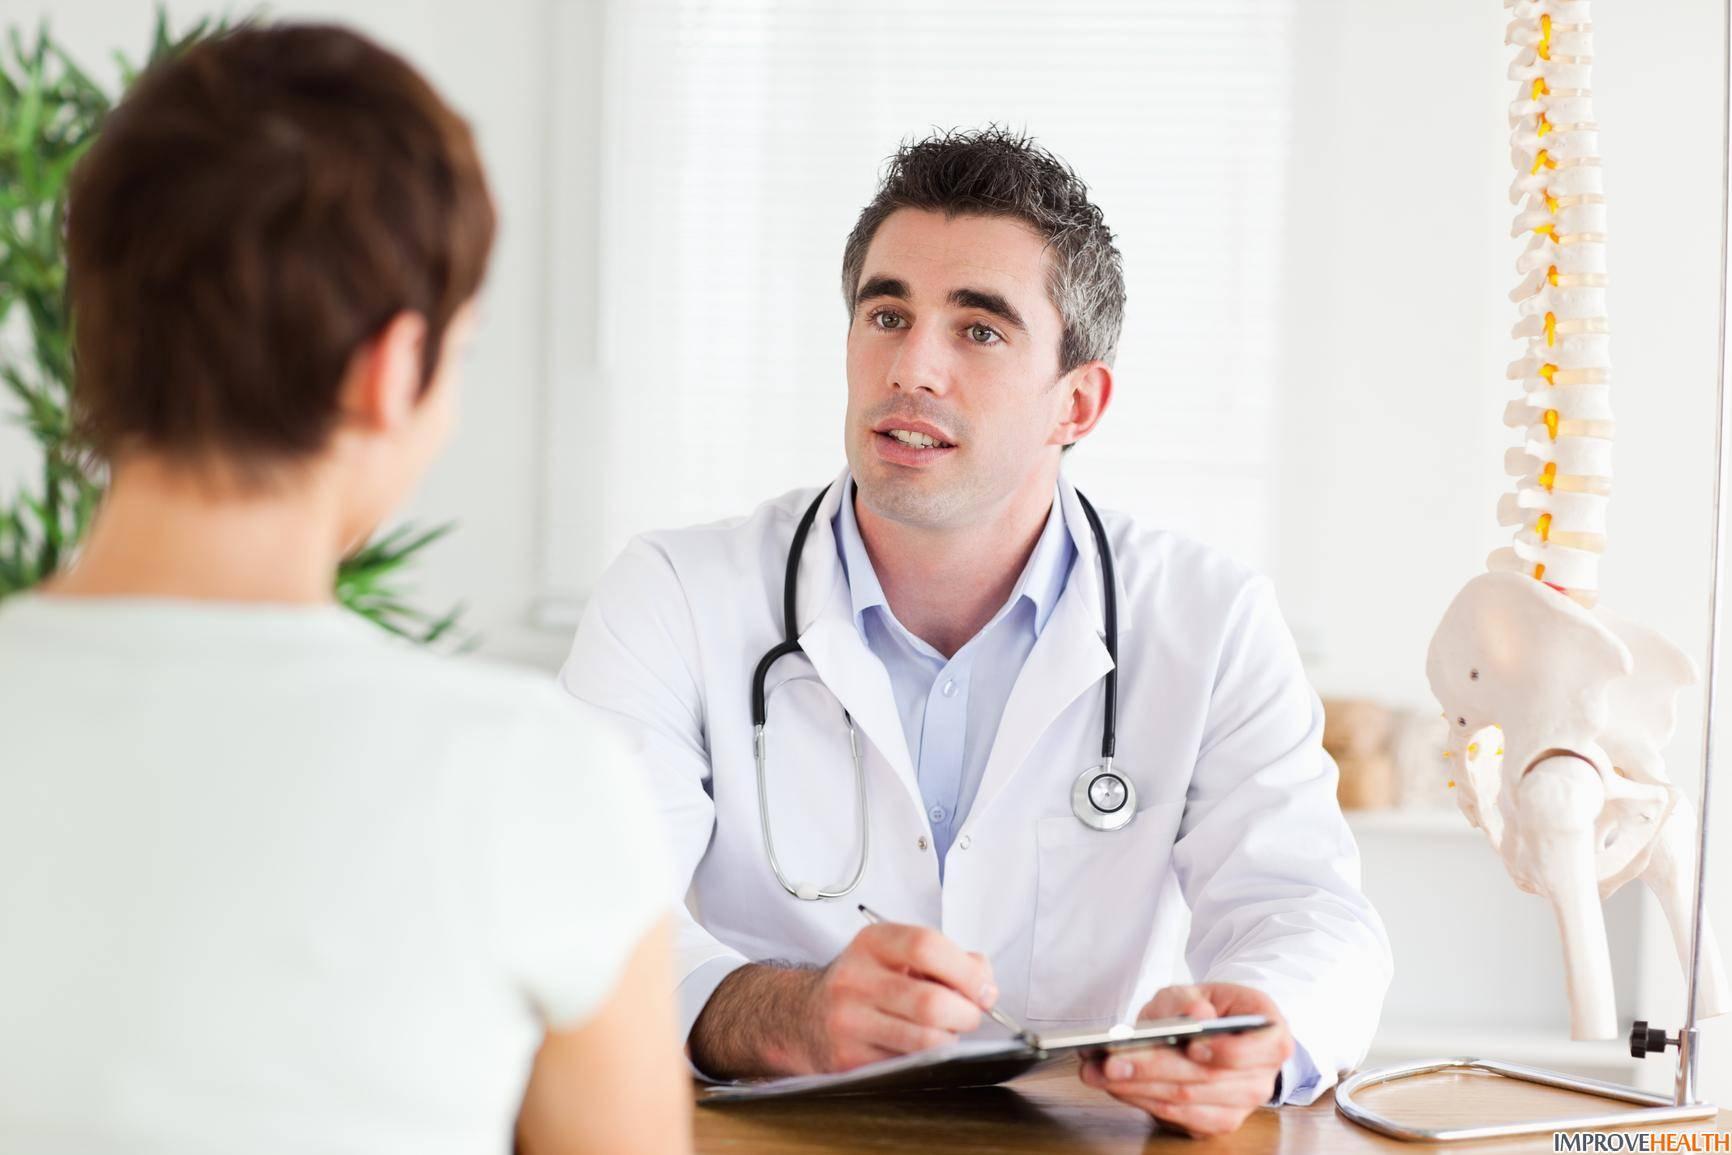 Повышенная чувствительность головки члена у мужчин: причины и методы лечения